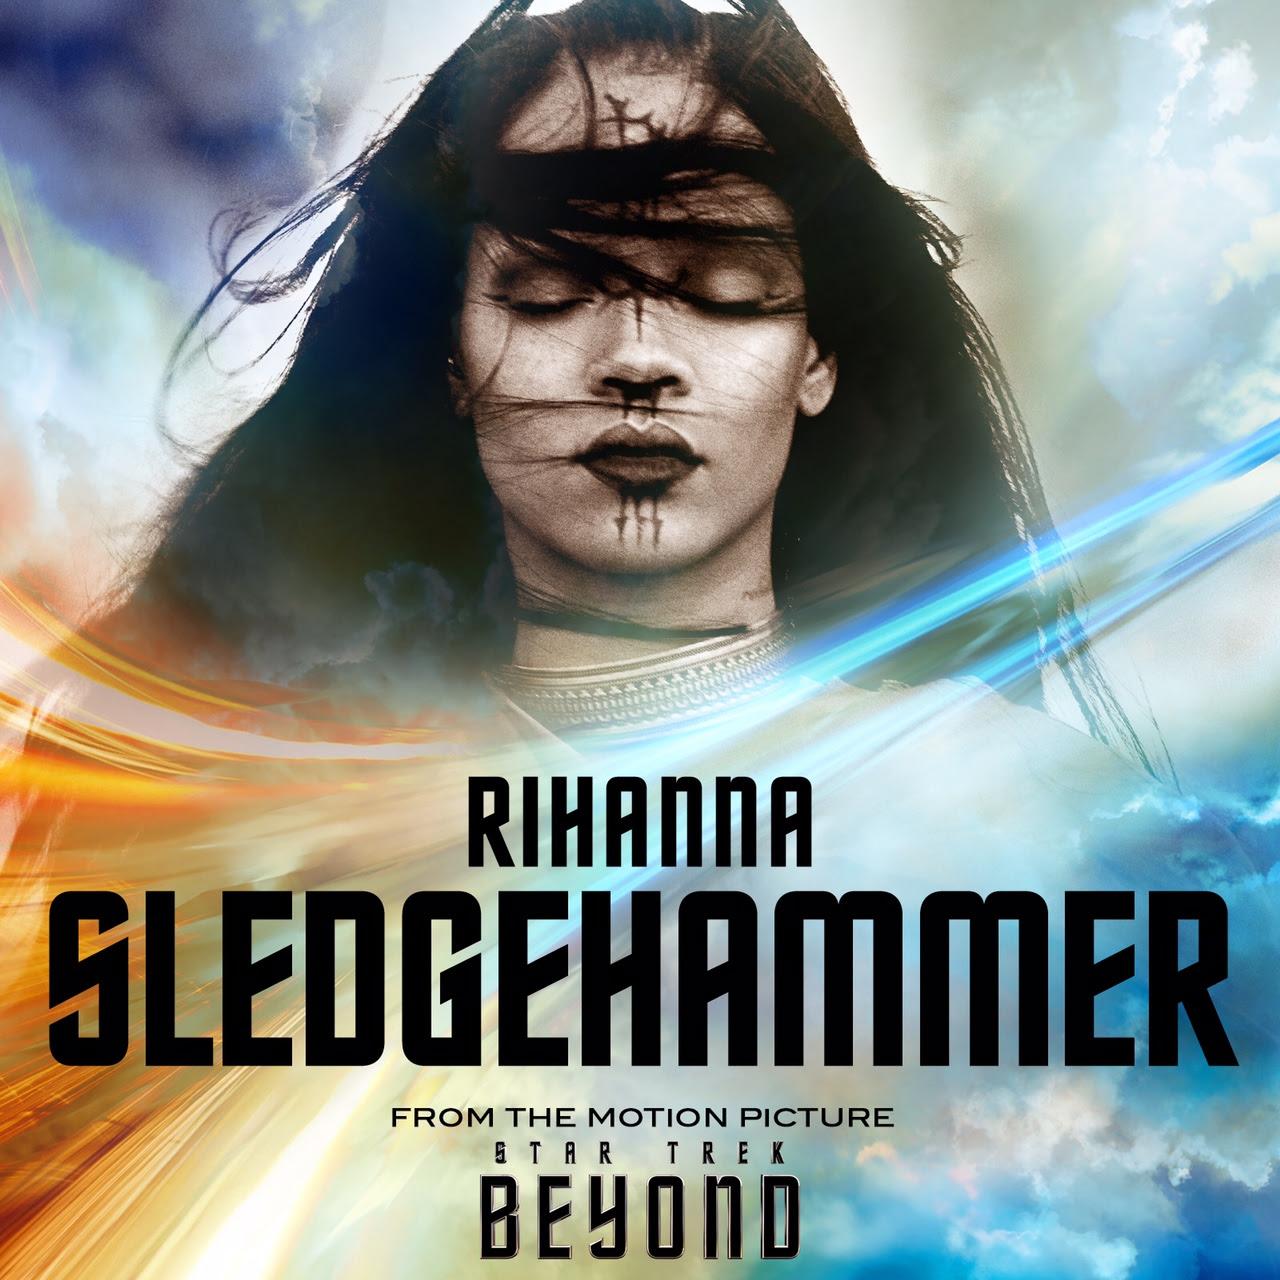 Rihanna Deezer Statistics